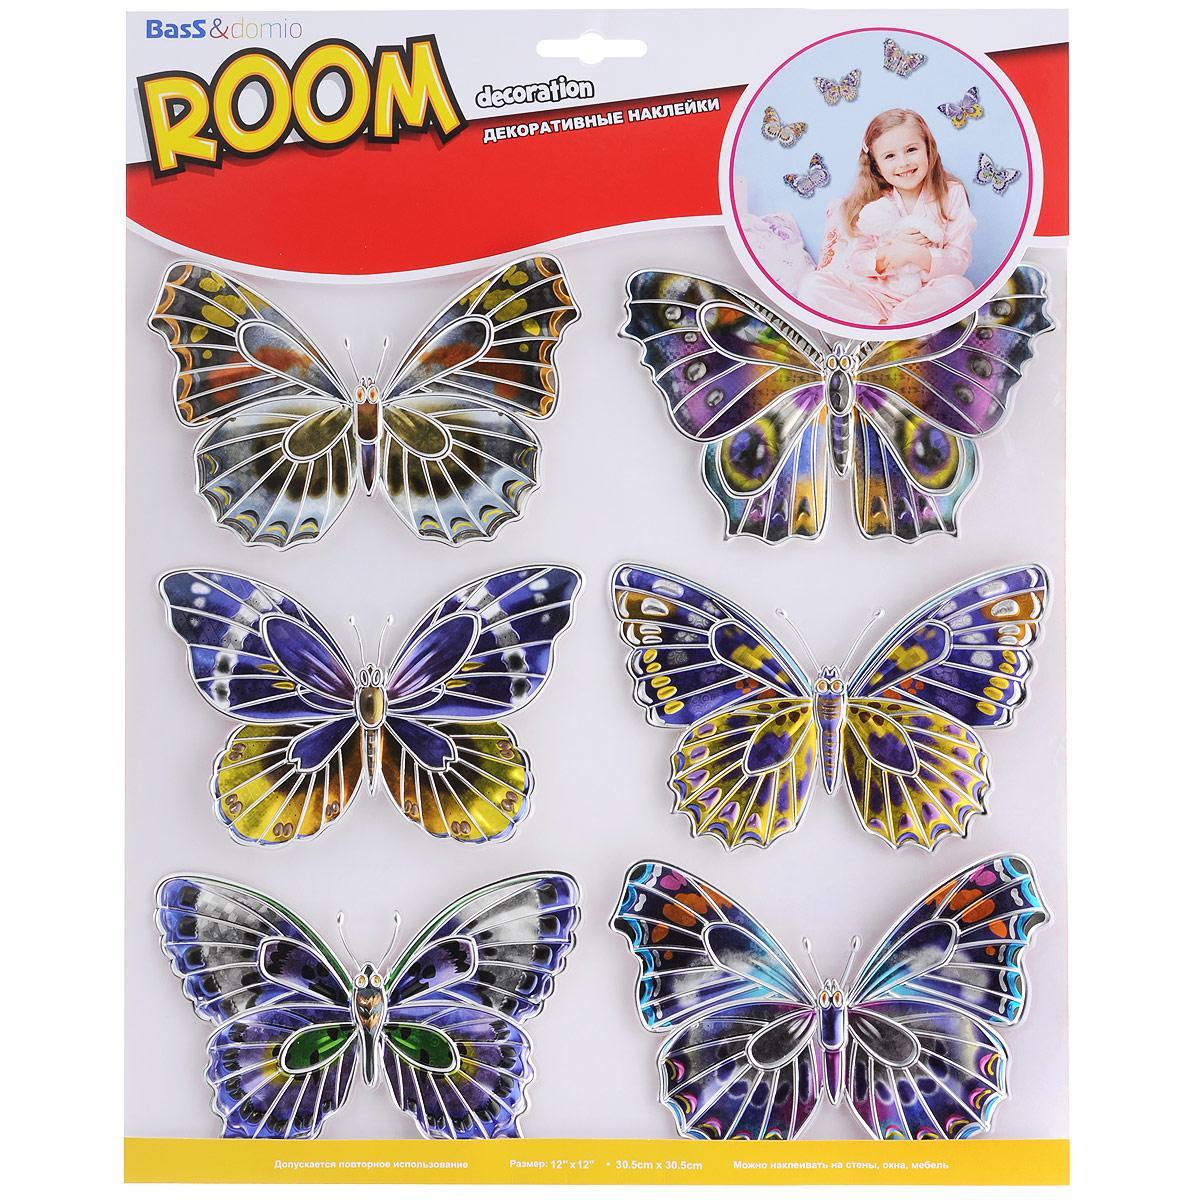 Наклейки для интерьера Room Decoration Бабочки, объемные, 30,5 х 30,5 см HPA4402AI 1007Наклейки для стен и предметов интерьера Room Decoration Бабочки, изготовленные из экологически безопасной самоклеящейся виниловой пленки - это удивительно простой и быстрый способ оживить интерьер помещения. На одном листе расположены 6 объемных наклеек в виде бабочек с серебристыми вставками.Интерьерные наклейки дадут вам вдохновение, которое изменит вашу жизнь и поможет погрузиться в мир ярких красок, фантазий и творчества. Для вас открываются безграничные возможности придумать оригинальный дизайн и придать новый вид стенам и мебели. Наклейки абсолютно безопасны для здоровья. Они быстро и легко наклеиваются на любые ровные поверхности: стены, окна, двери, кафельную плитку, виниловые и флизелиновые обои, стекла, мебель. При необходимости удобно снимаются, не оставляют следов и не повреждают поверхность (кроме бумажных обоев). Наклейки Room Decoration Бабочки помогут вам изменить интерьер вокруг себя: в детской комнате и гостиной, на кухне и в прихожей, витрину кафе и магазина, детский садик и офис.